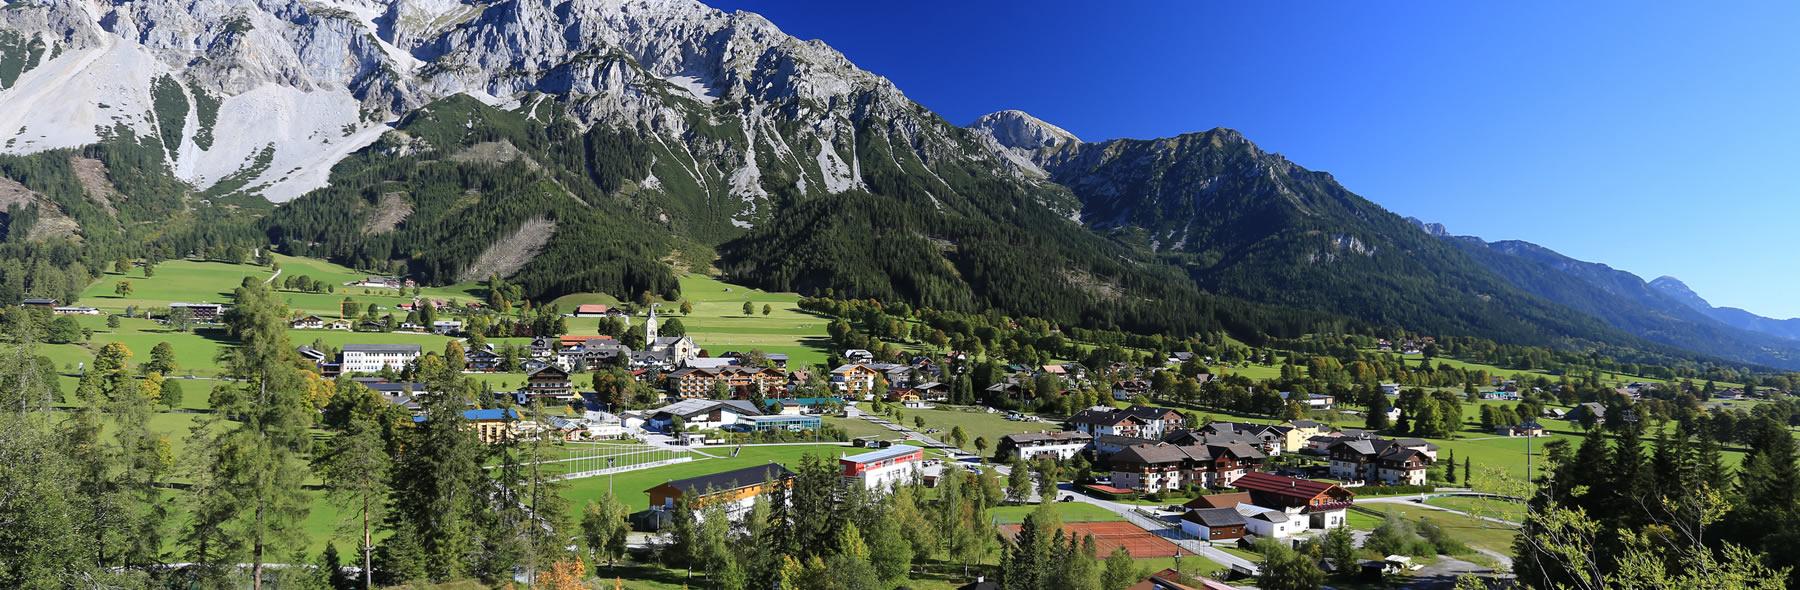 Klettern und Klettertouren in Ramsau am Dachstein